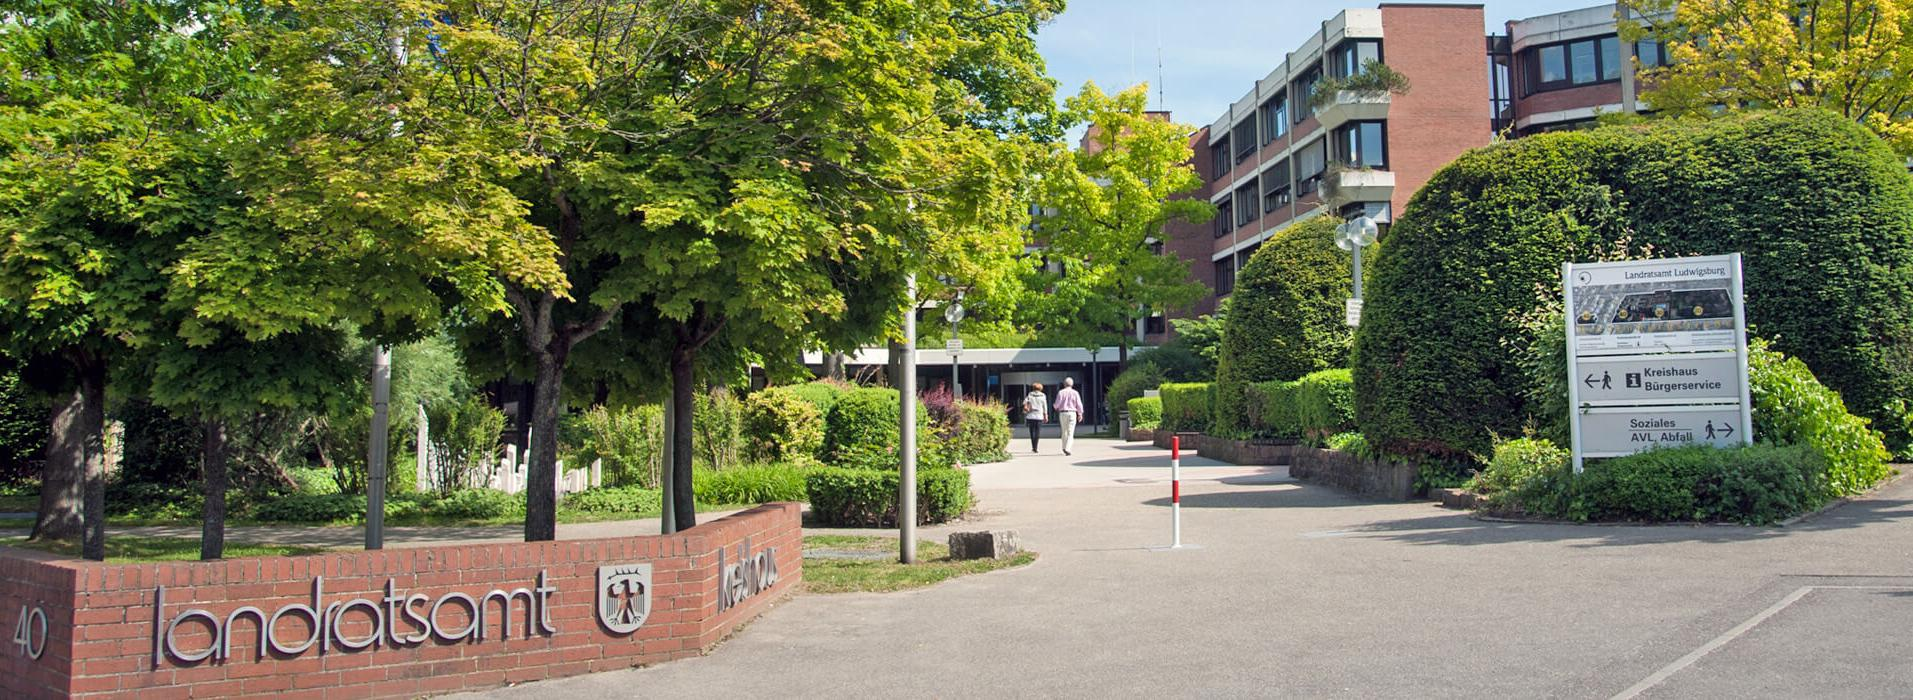 Eingang zum Kreishaus mit Bäumen und Büschen davor header-landratsamt-eingang.jpg